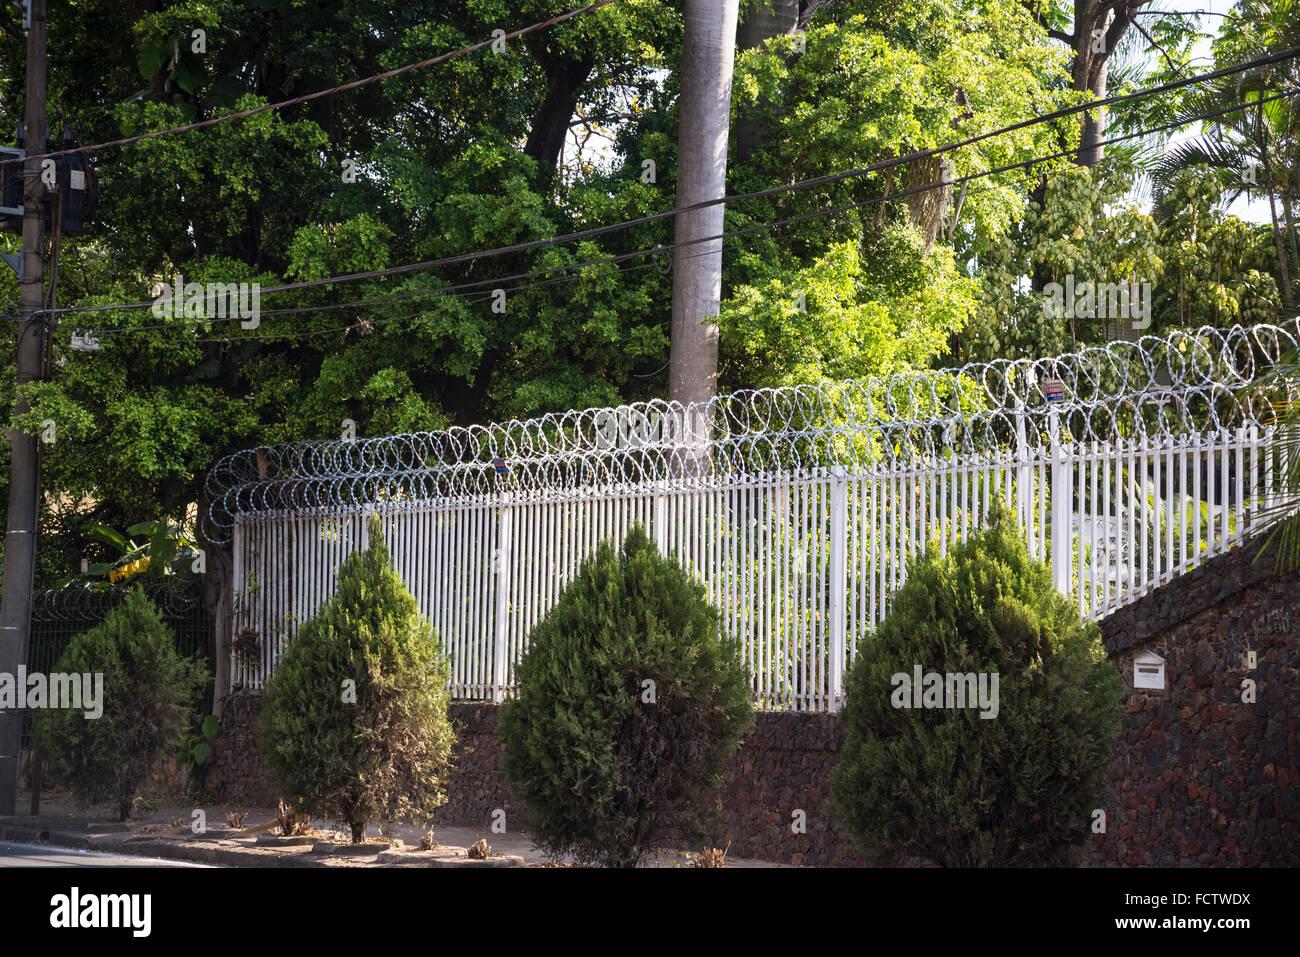 Stacheldrahtzaun von wohlhabenden Wohneigentum, Pampulha, Belo Horizonte, Minas Gerais, Brasilien Stockbild